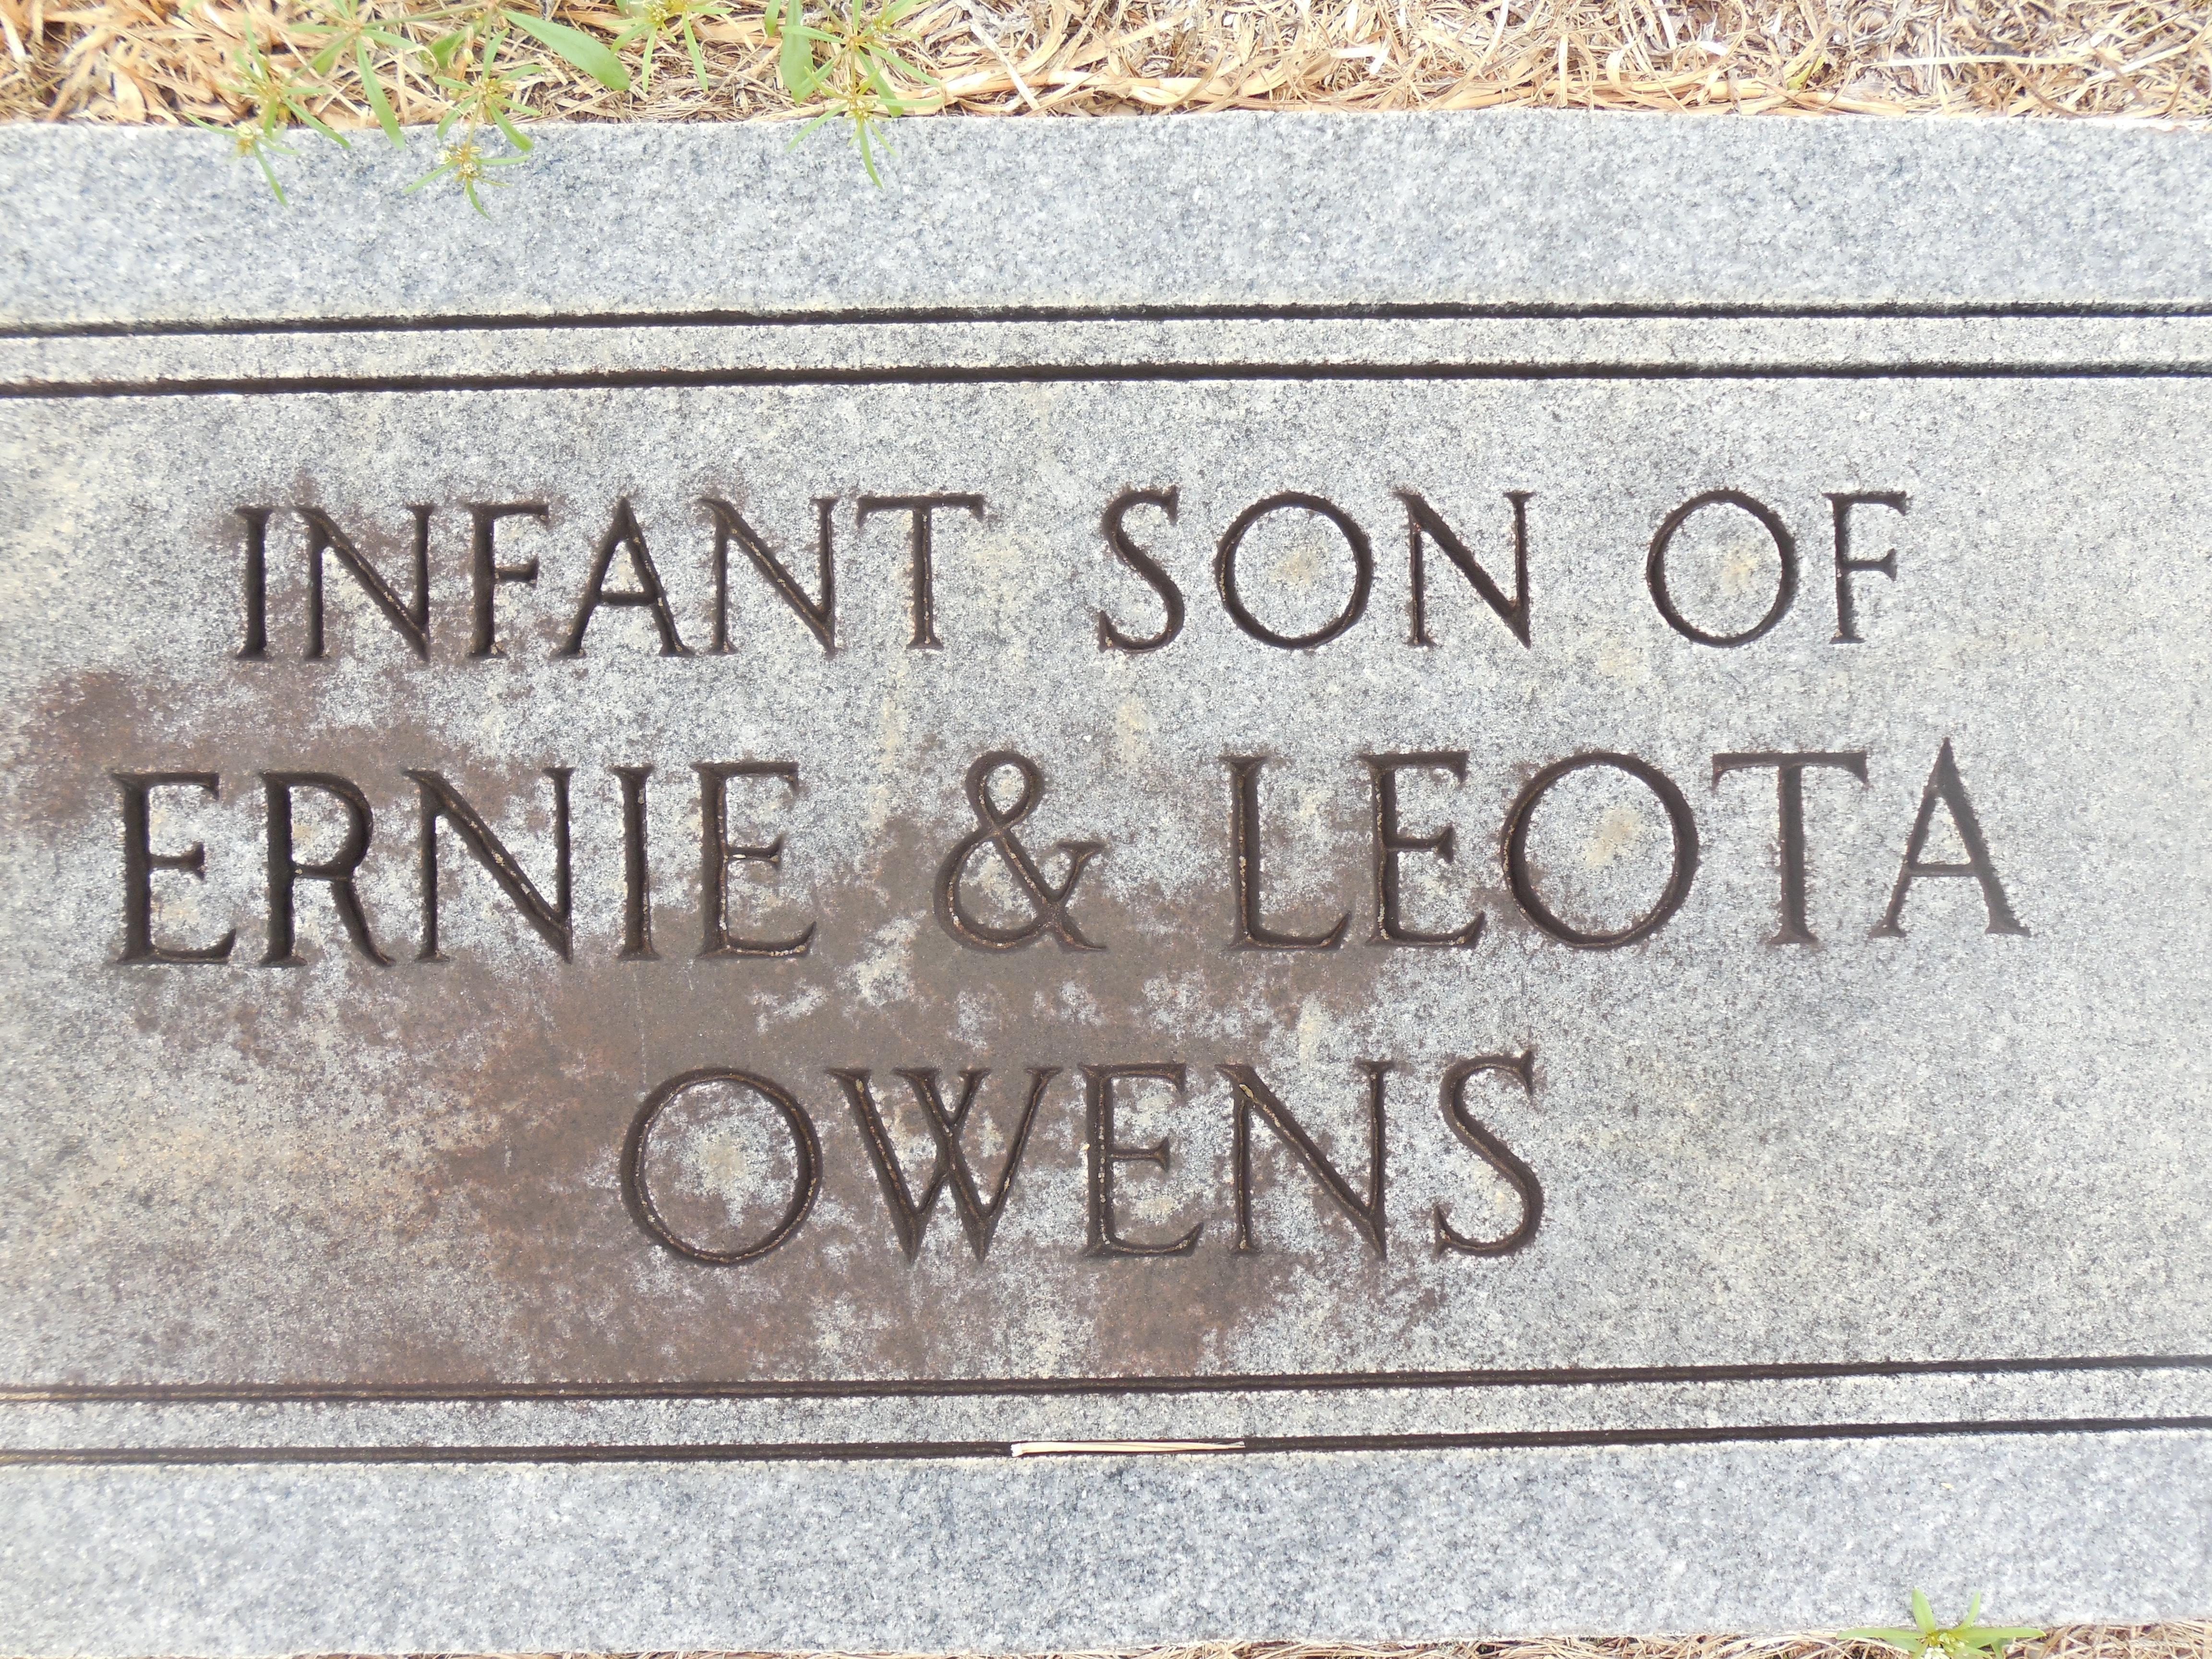 Annie Lee Owens